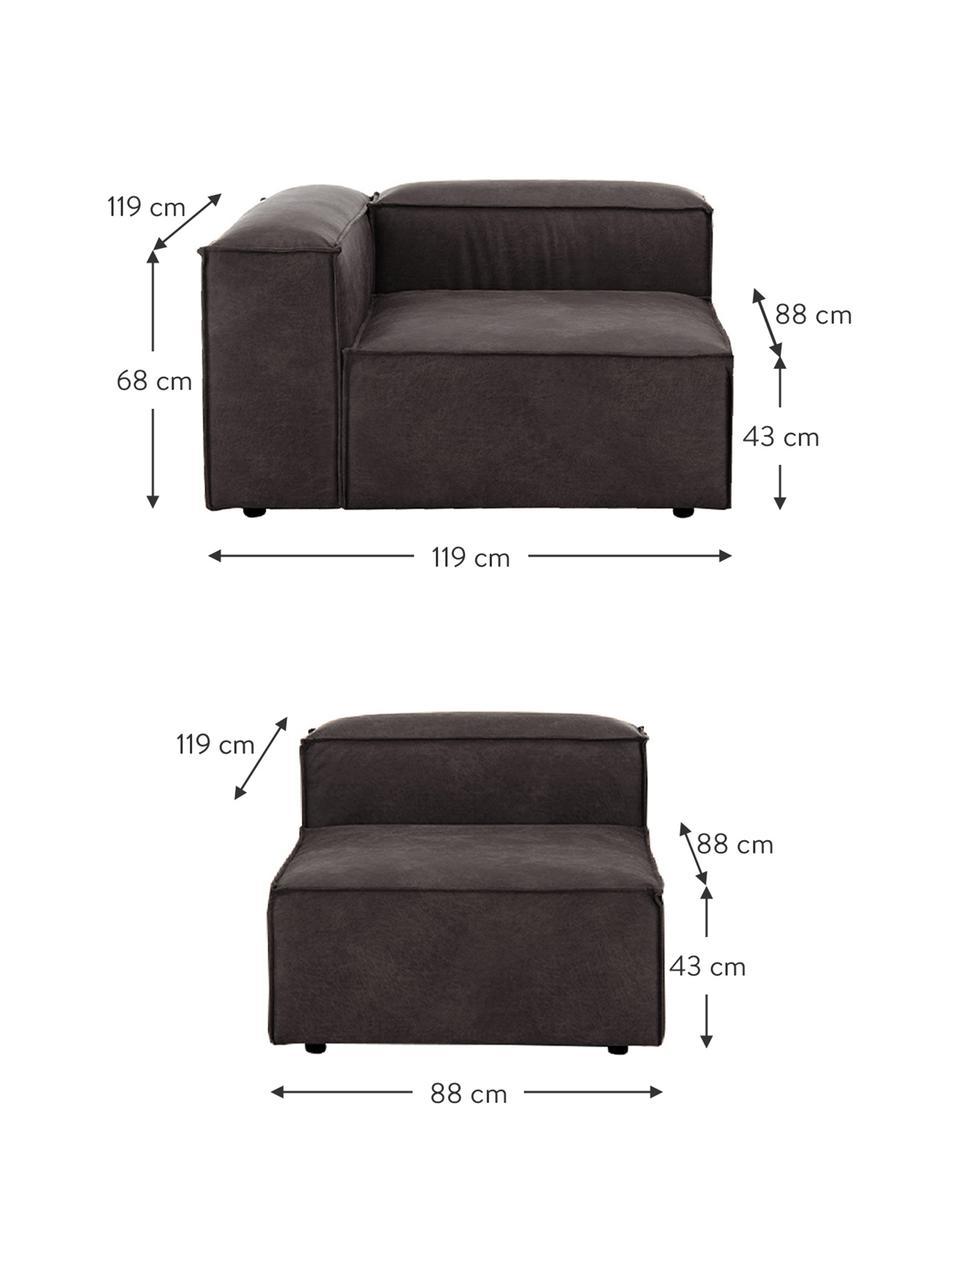 Sofa modułowa ze skóry z recyklingu Lennon (4-osobowa), Tapicerka: skóra pochodząca z recykl, Stelaż: lite drewno sosnowe, skle, Nogi: tworzywo sztuczne Nogi zn, Szary brązowy, S 327 x G 119 cm